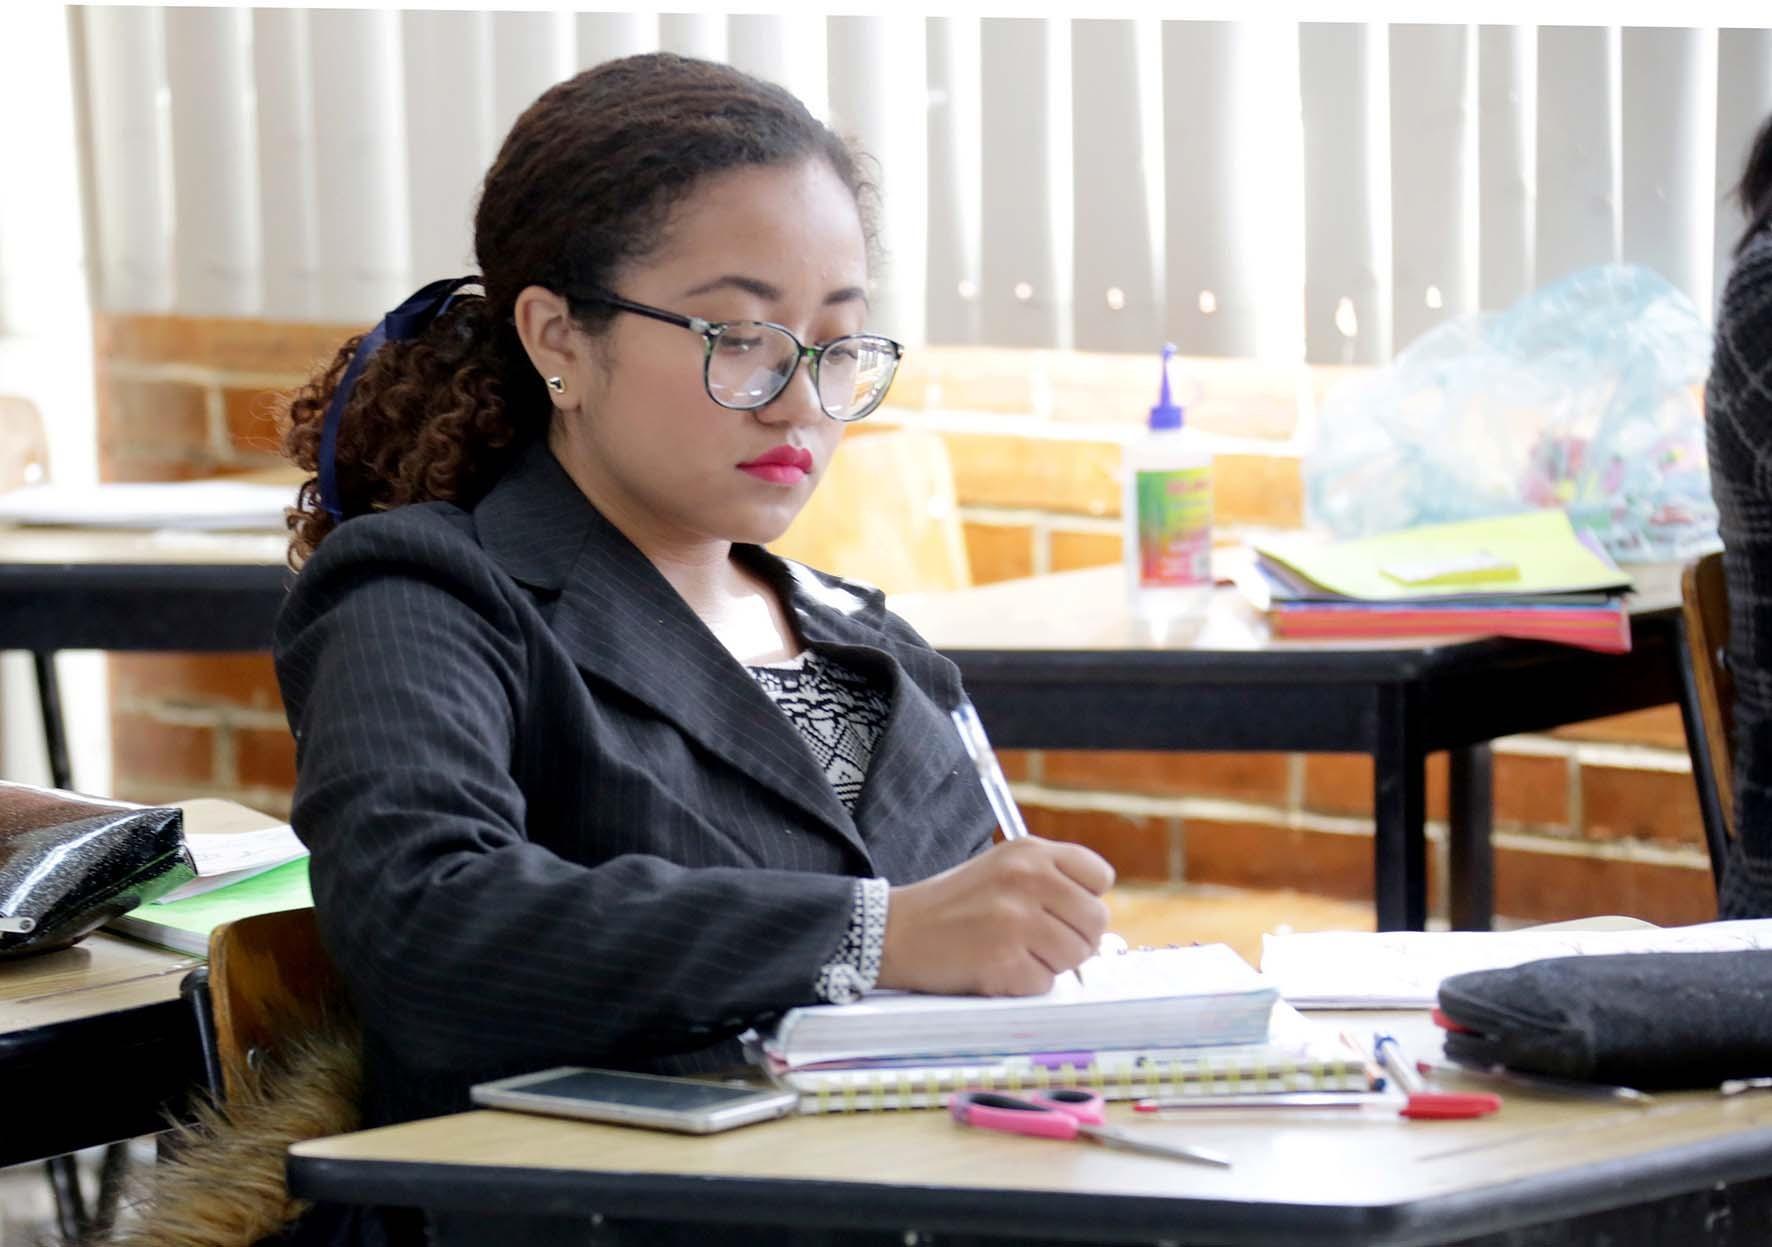 La convocatoria 2021 para las escuelas normales del Edomex estará abierta del 22 de marzo al 30 de abril del año en curso